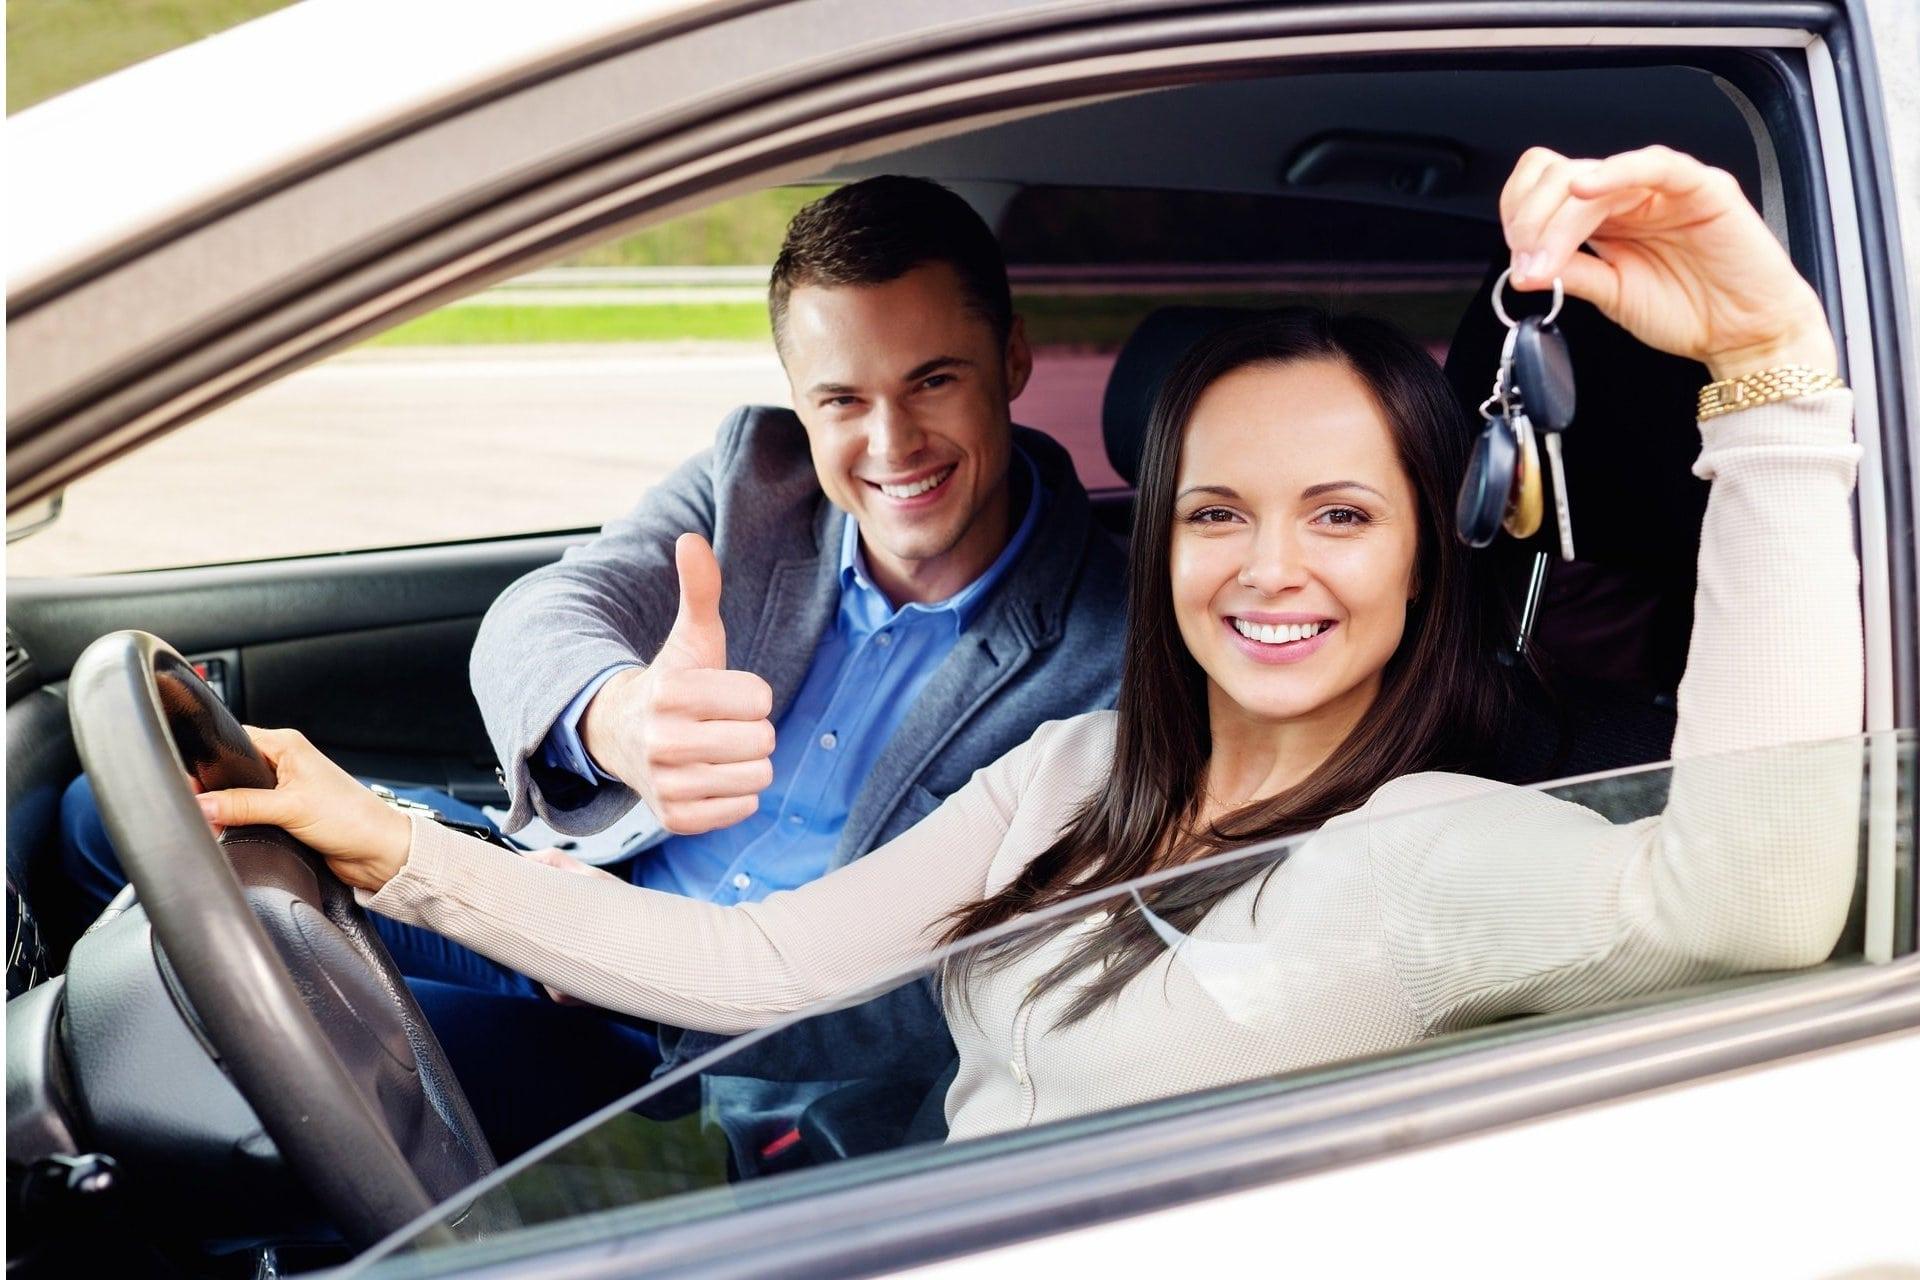 kúpa vozidla, ľudia v aute, nové vozidlo, auto na splátky, úver na auto, lízing auta